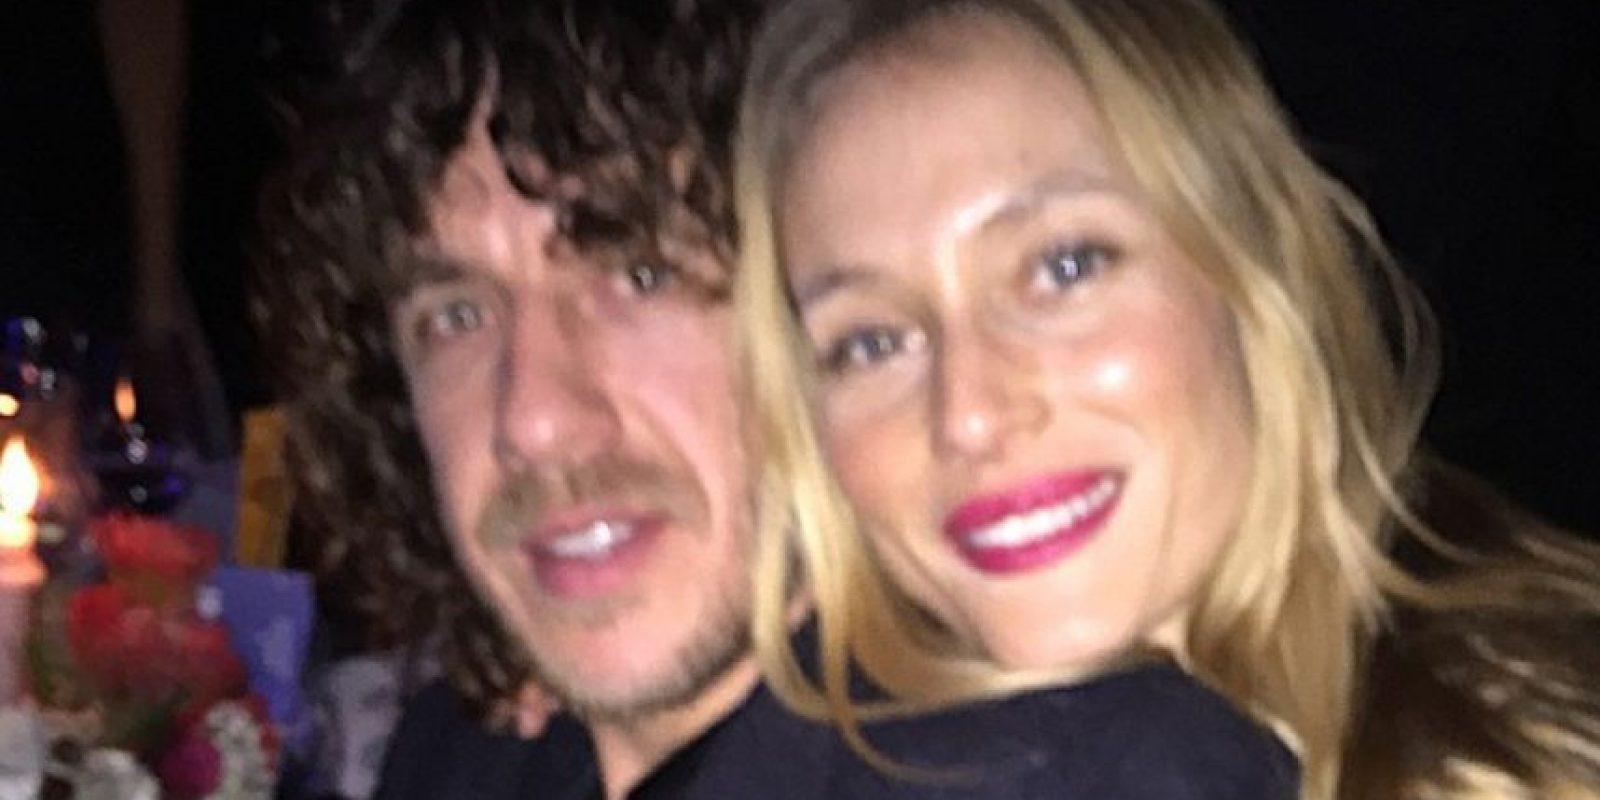 Mira las mejores imágenes de Puyol y su pareja Foto:Instagram: @carles5puyol